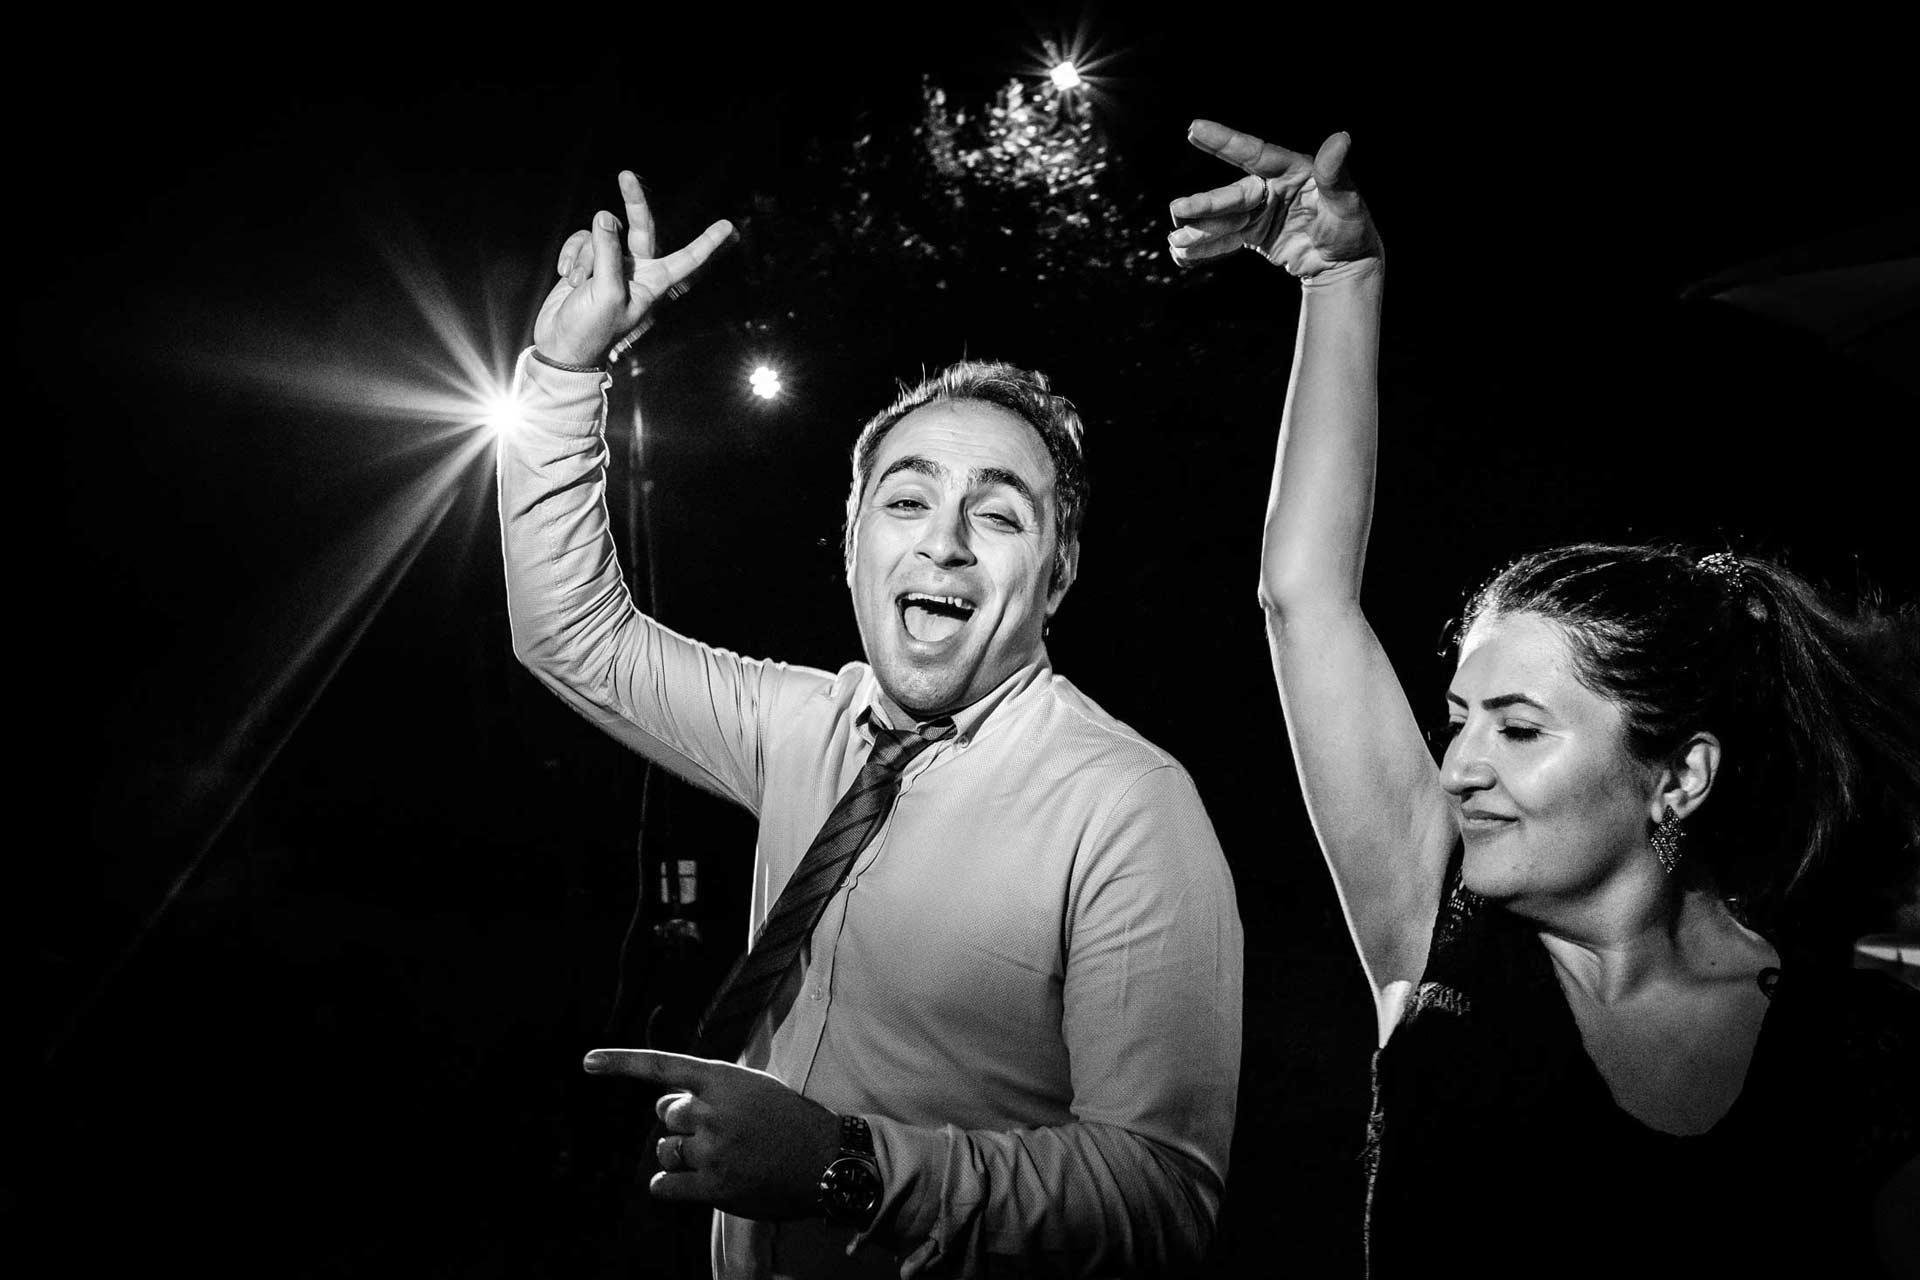 Fotografo-Di-Matrimonio-Simone-Nunzi